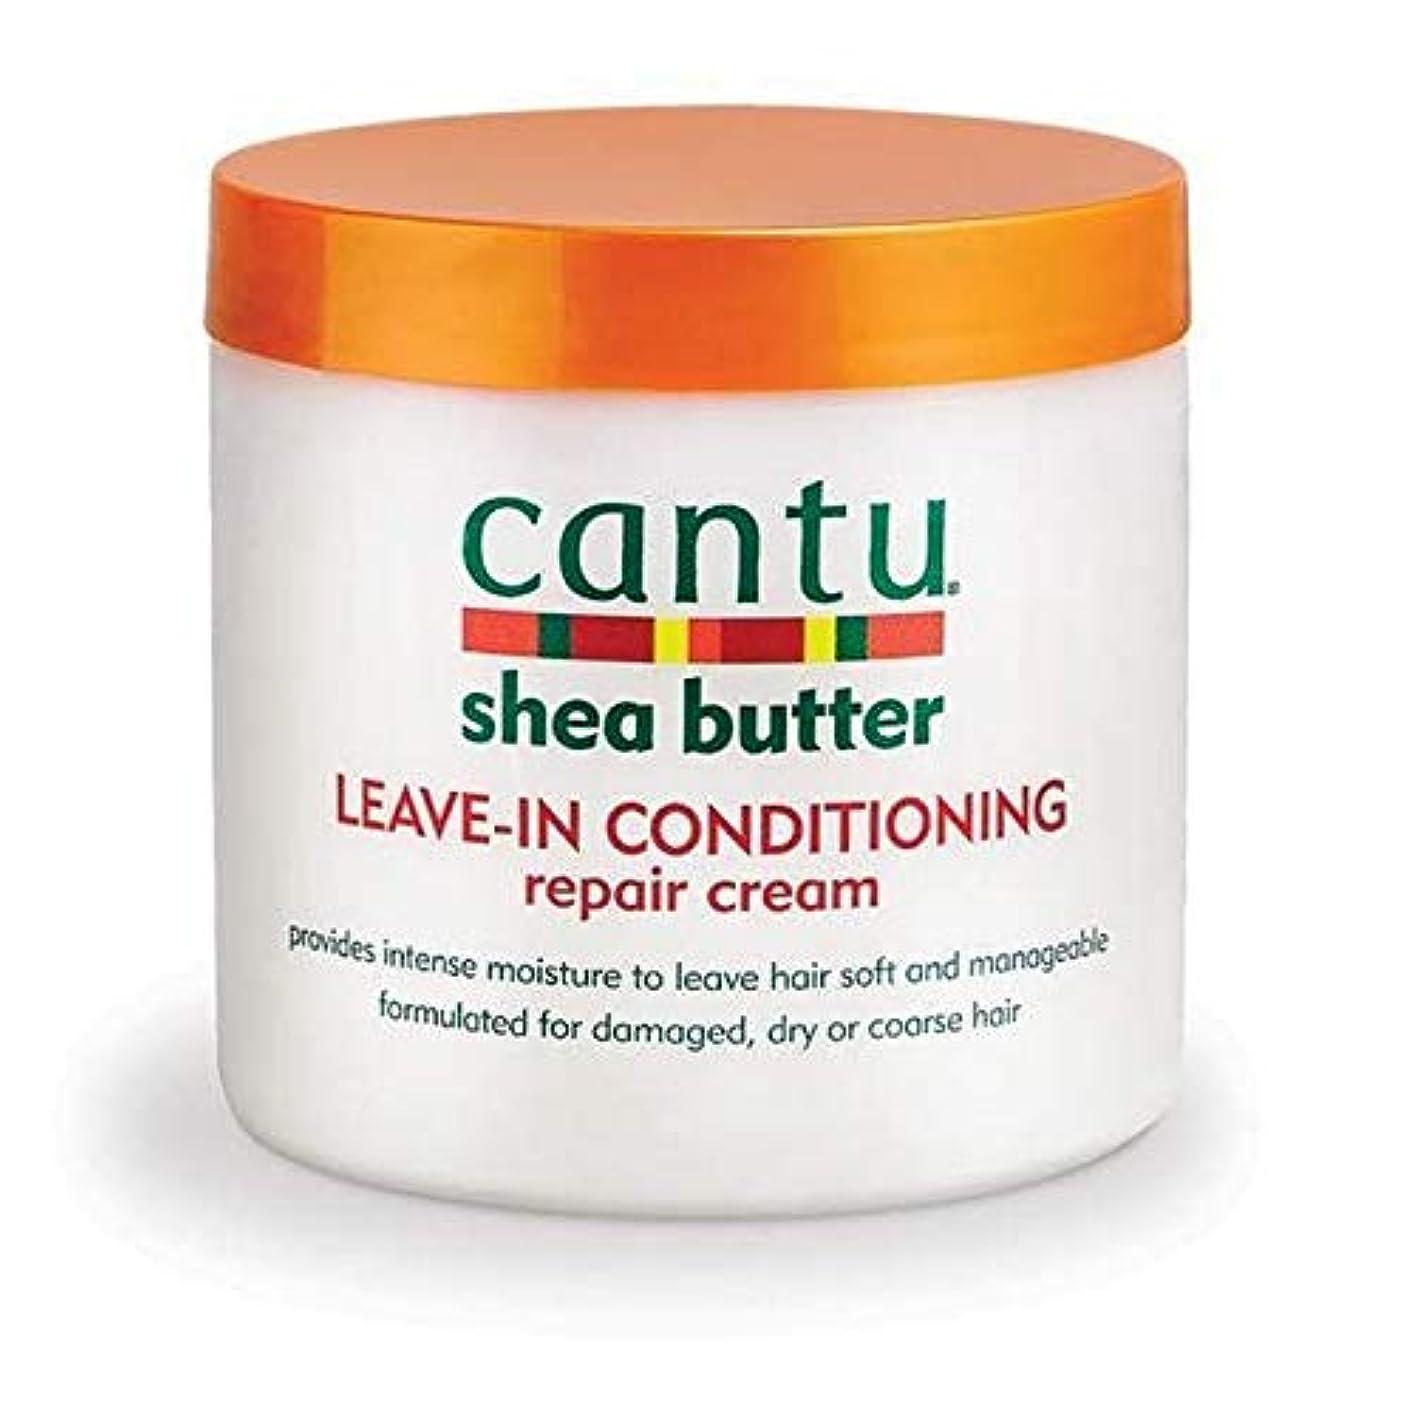 複製する馬鹿げたへこみ[Cantu ] エアコン修理クリーム453グラムでカントゥシアバター休暇 - Cantu Shea Butter Leave in Conditioning Repair Cream 453g [並行輸入品]